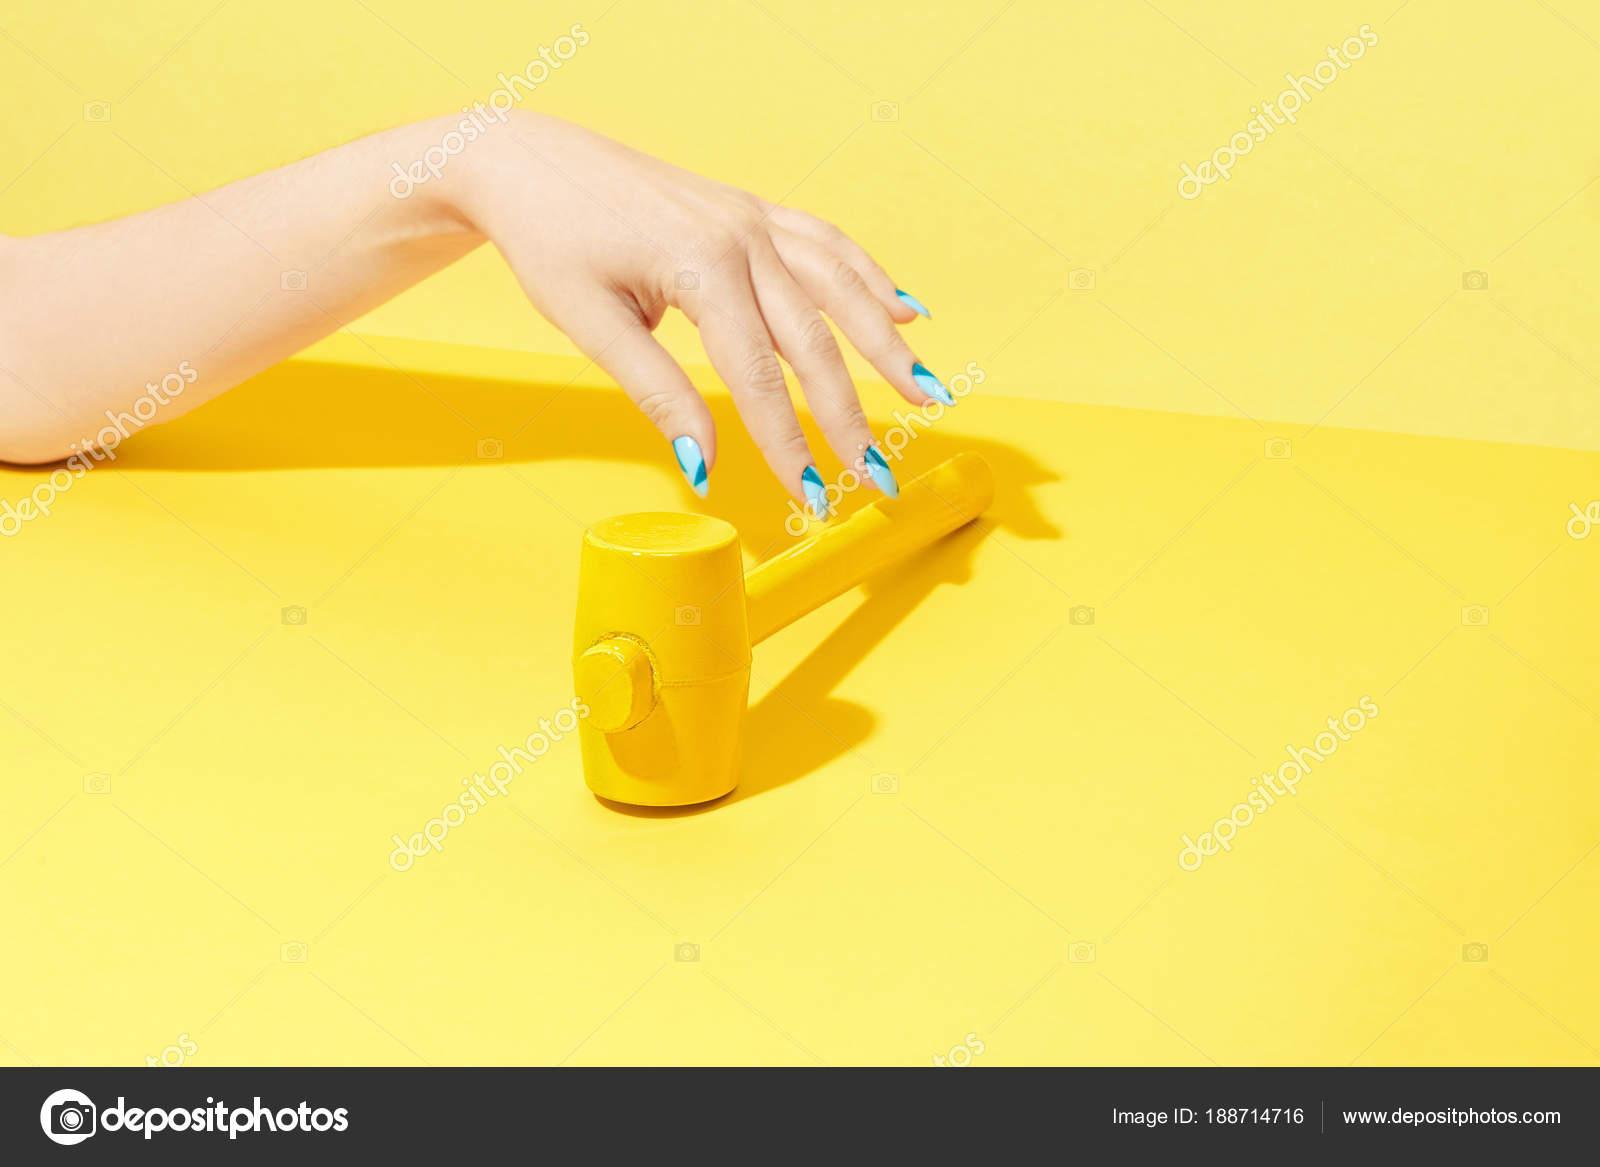 Design Nägel. Hand mit bunten Nägeln auf gelbem Hintergrund ...